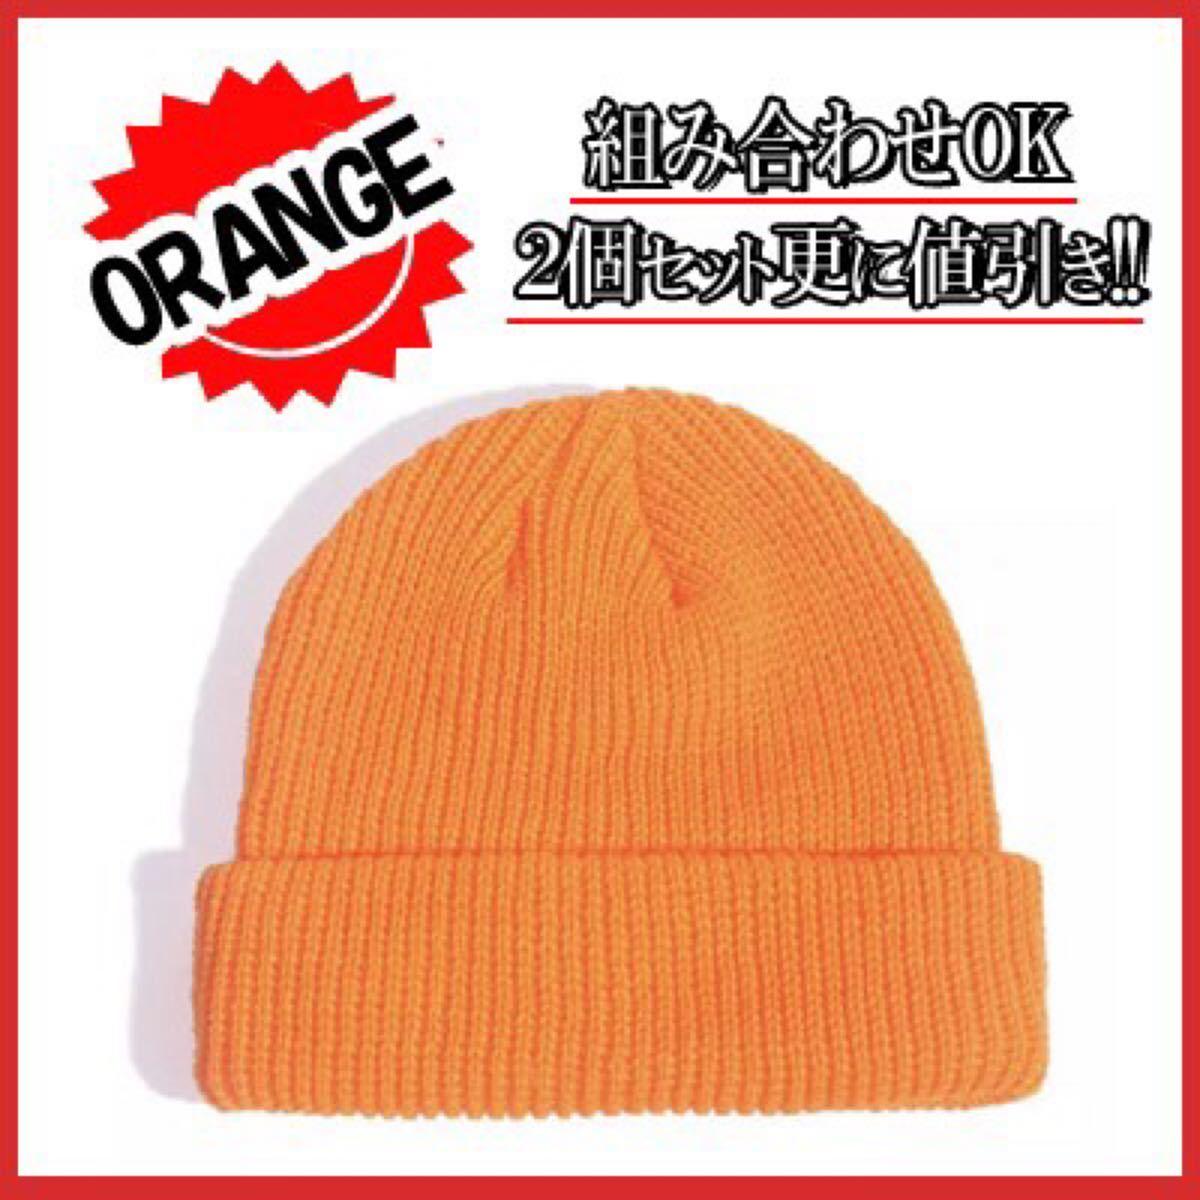 ニット帽 ニットキャップ ビーニー オレンジ 橙 シンプル